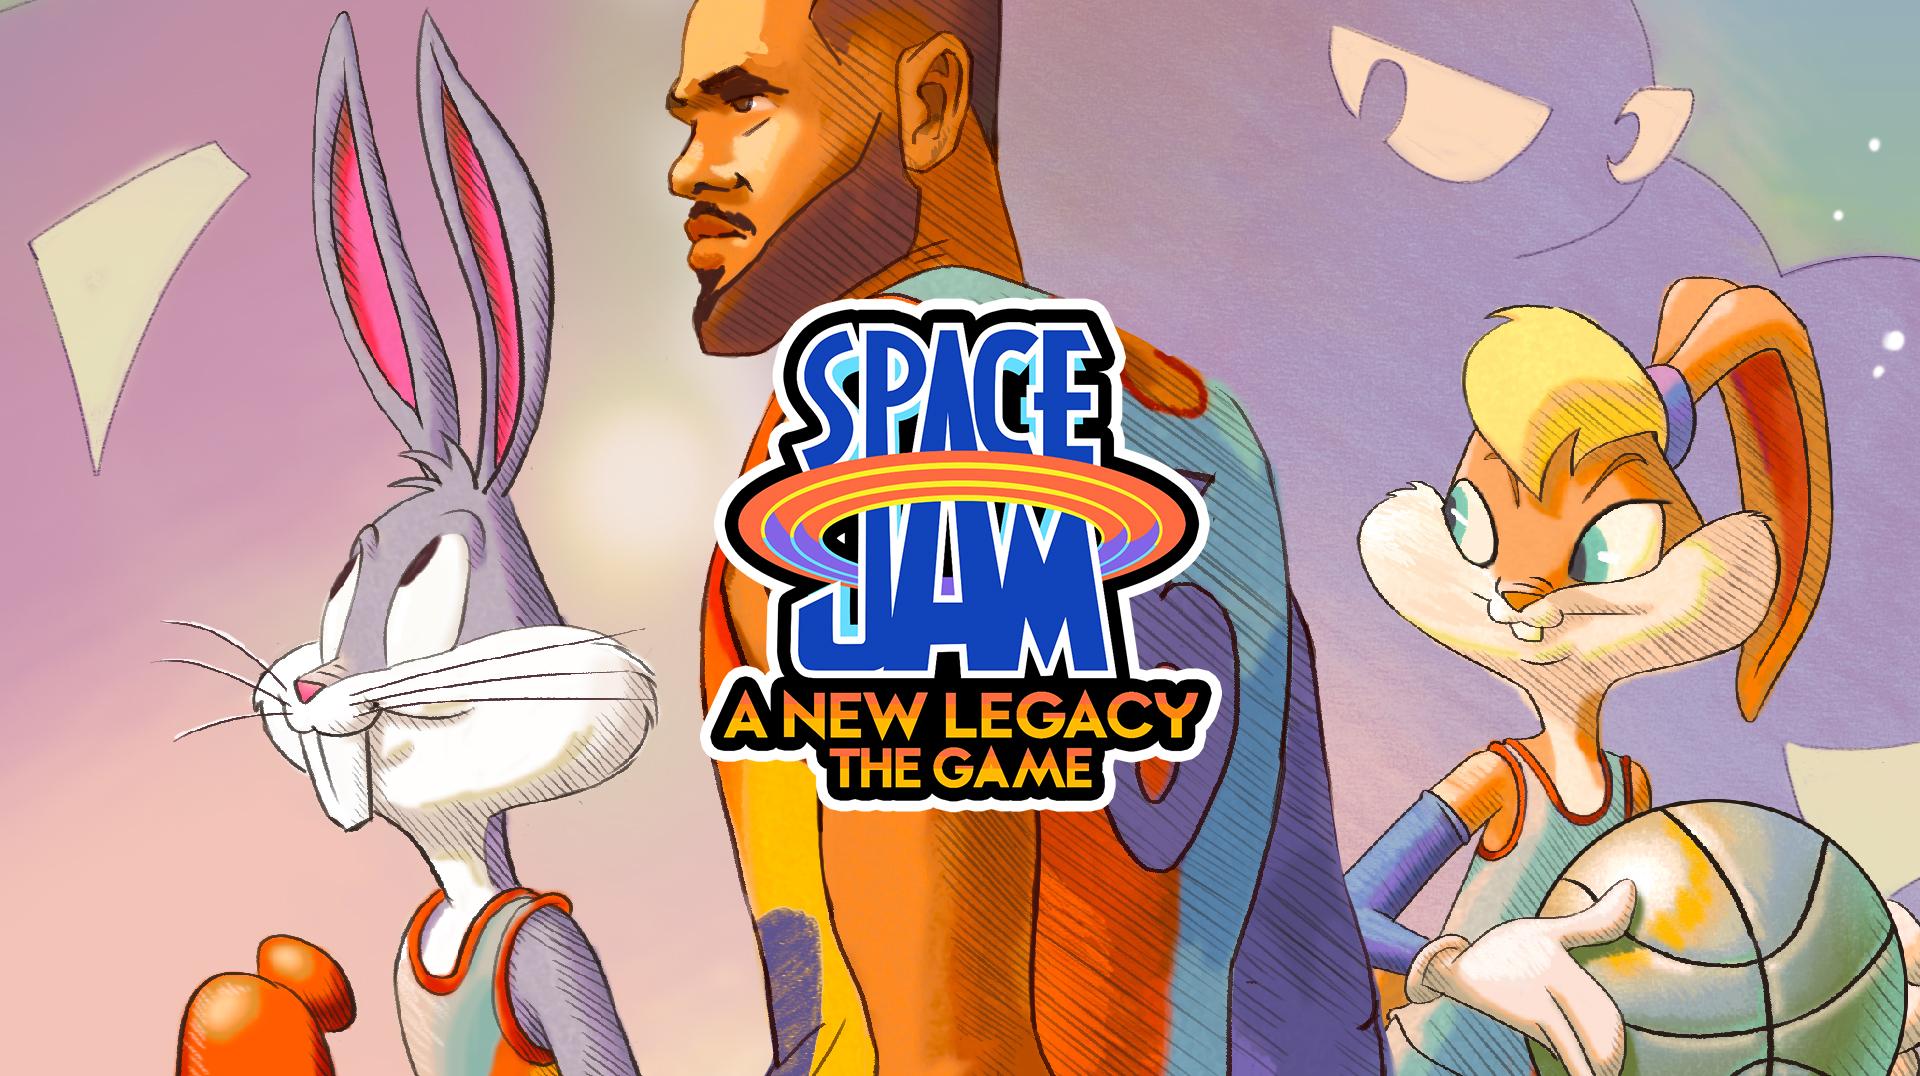 Verpixelte Lola Bunny, LeBron James und Bugs Bunny mit dem Logo für Space Jam A New Legend – The Game